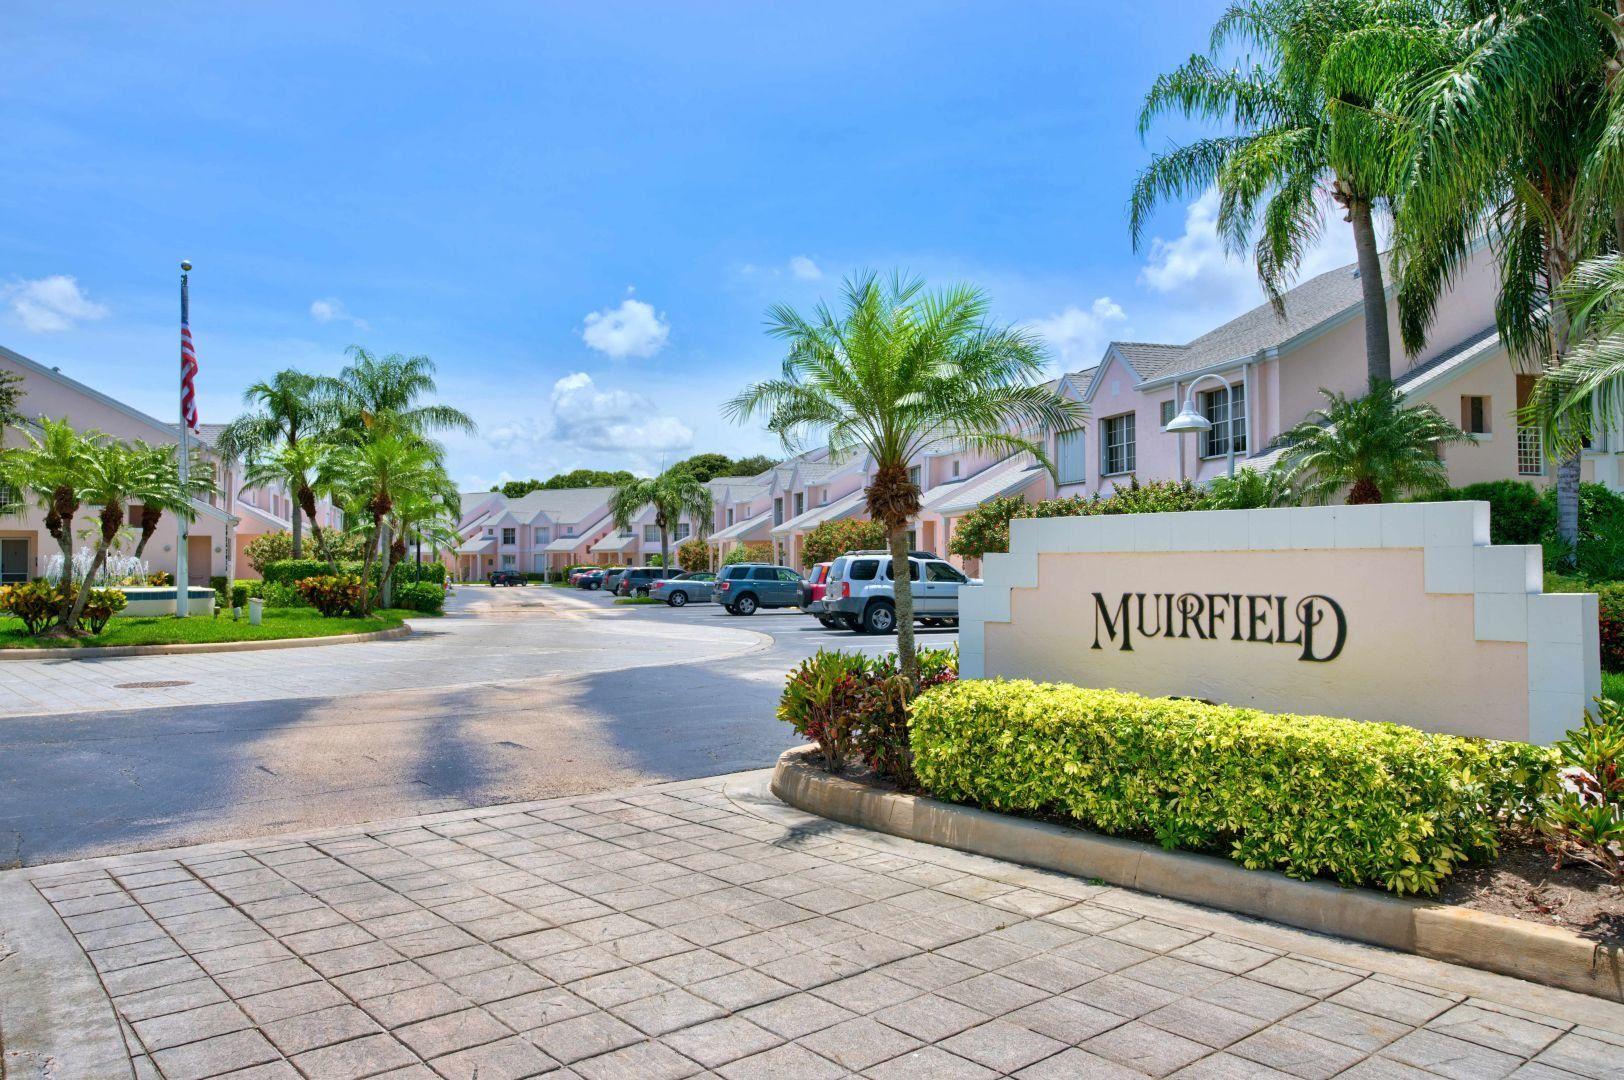 601 Muirfield Court #601b, Jupiter, FL 33458 - #: RX-10636183